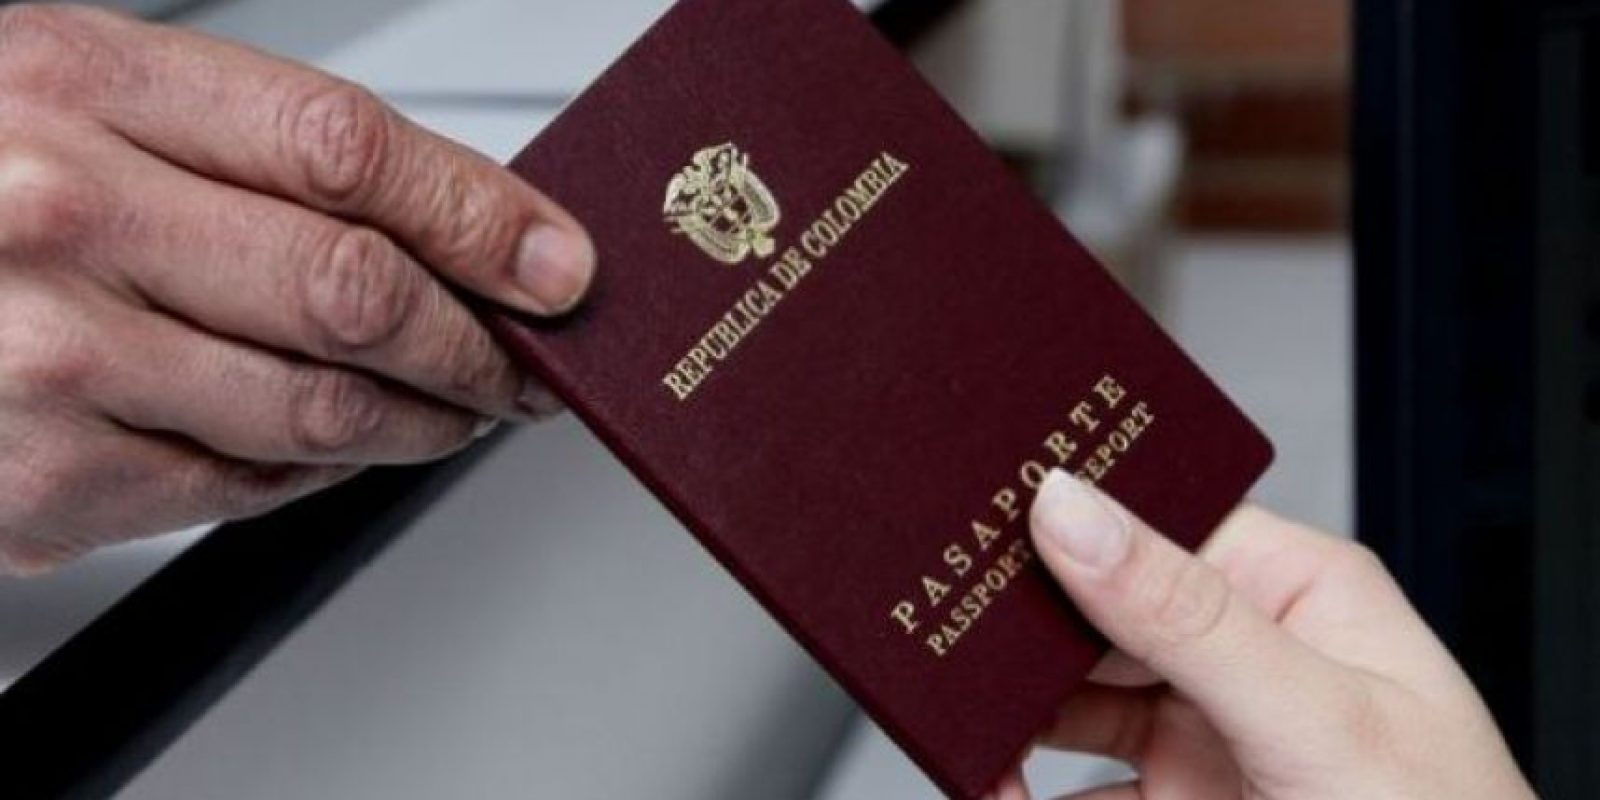 Para entrar necesitará mostrar su pasaporte vigente, así como su tiquete de regreso y otras pruebas al momento de quedarse Foto:Archivo Publimetro